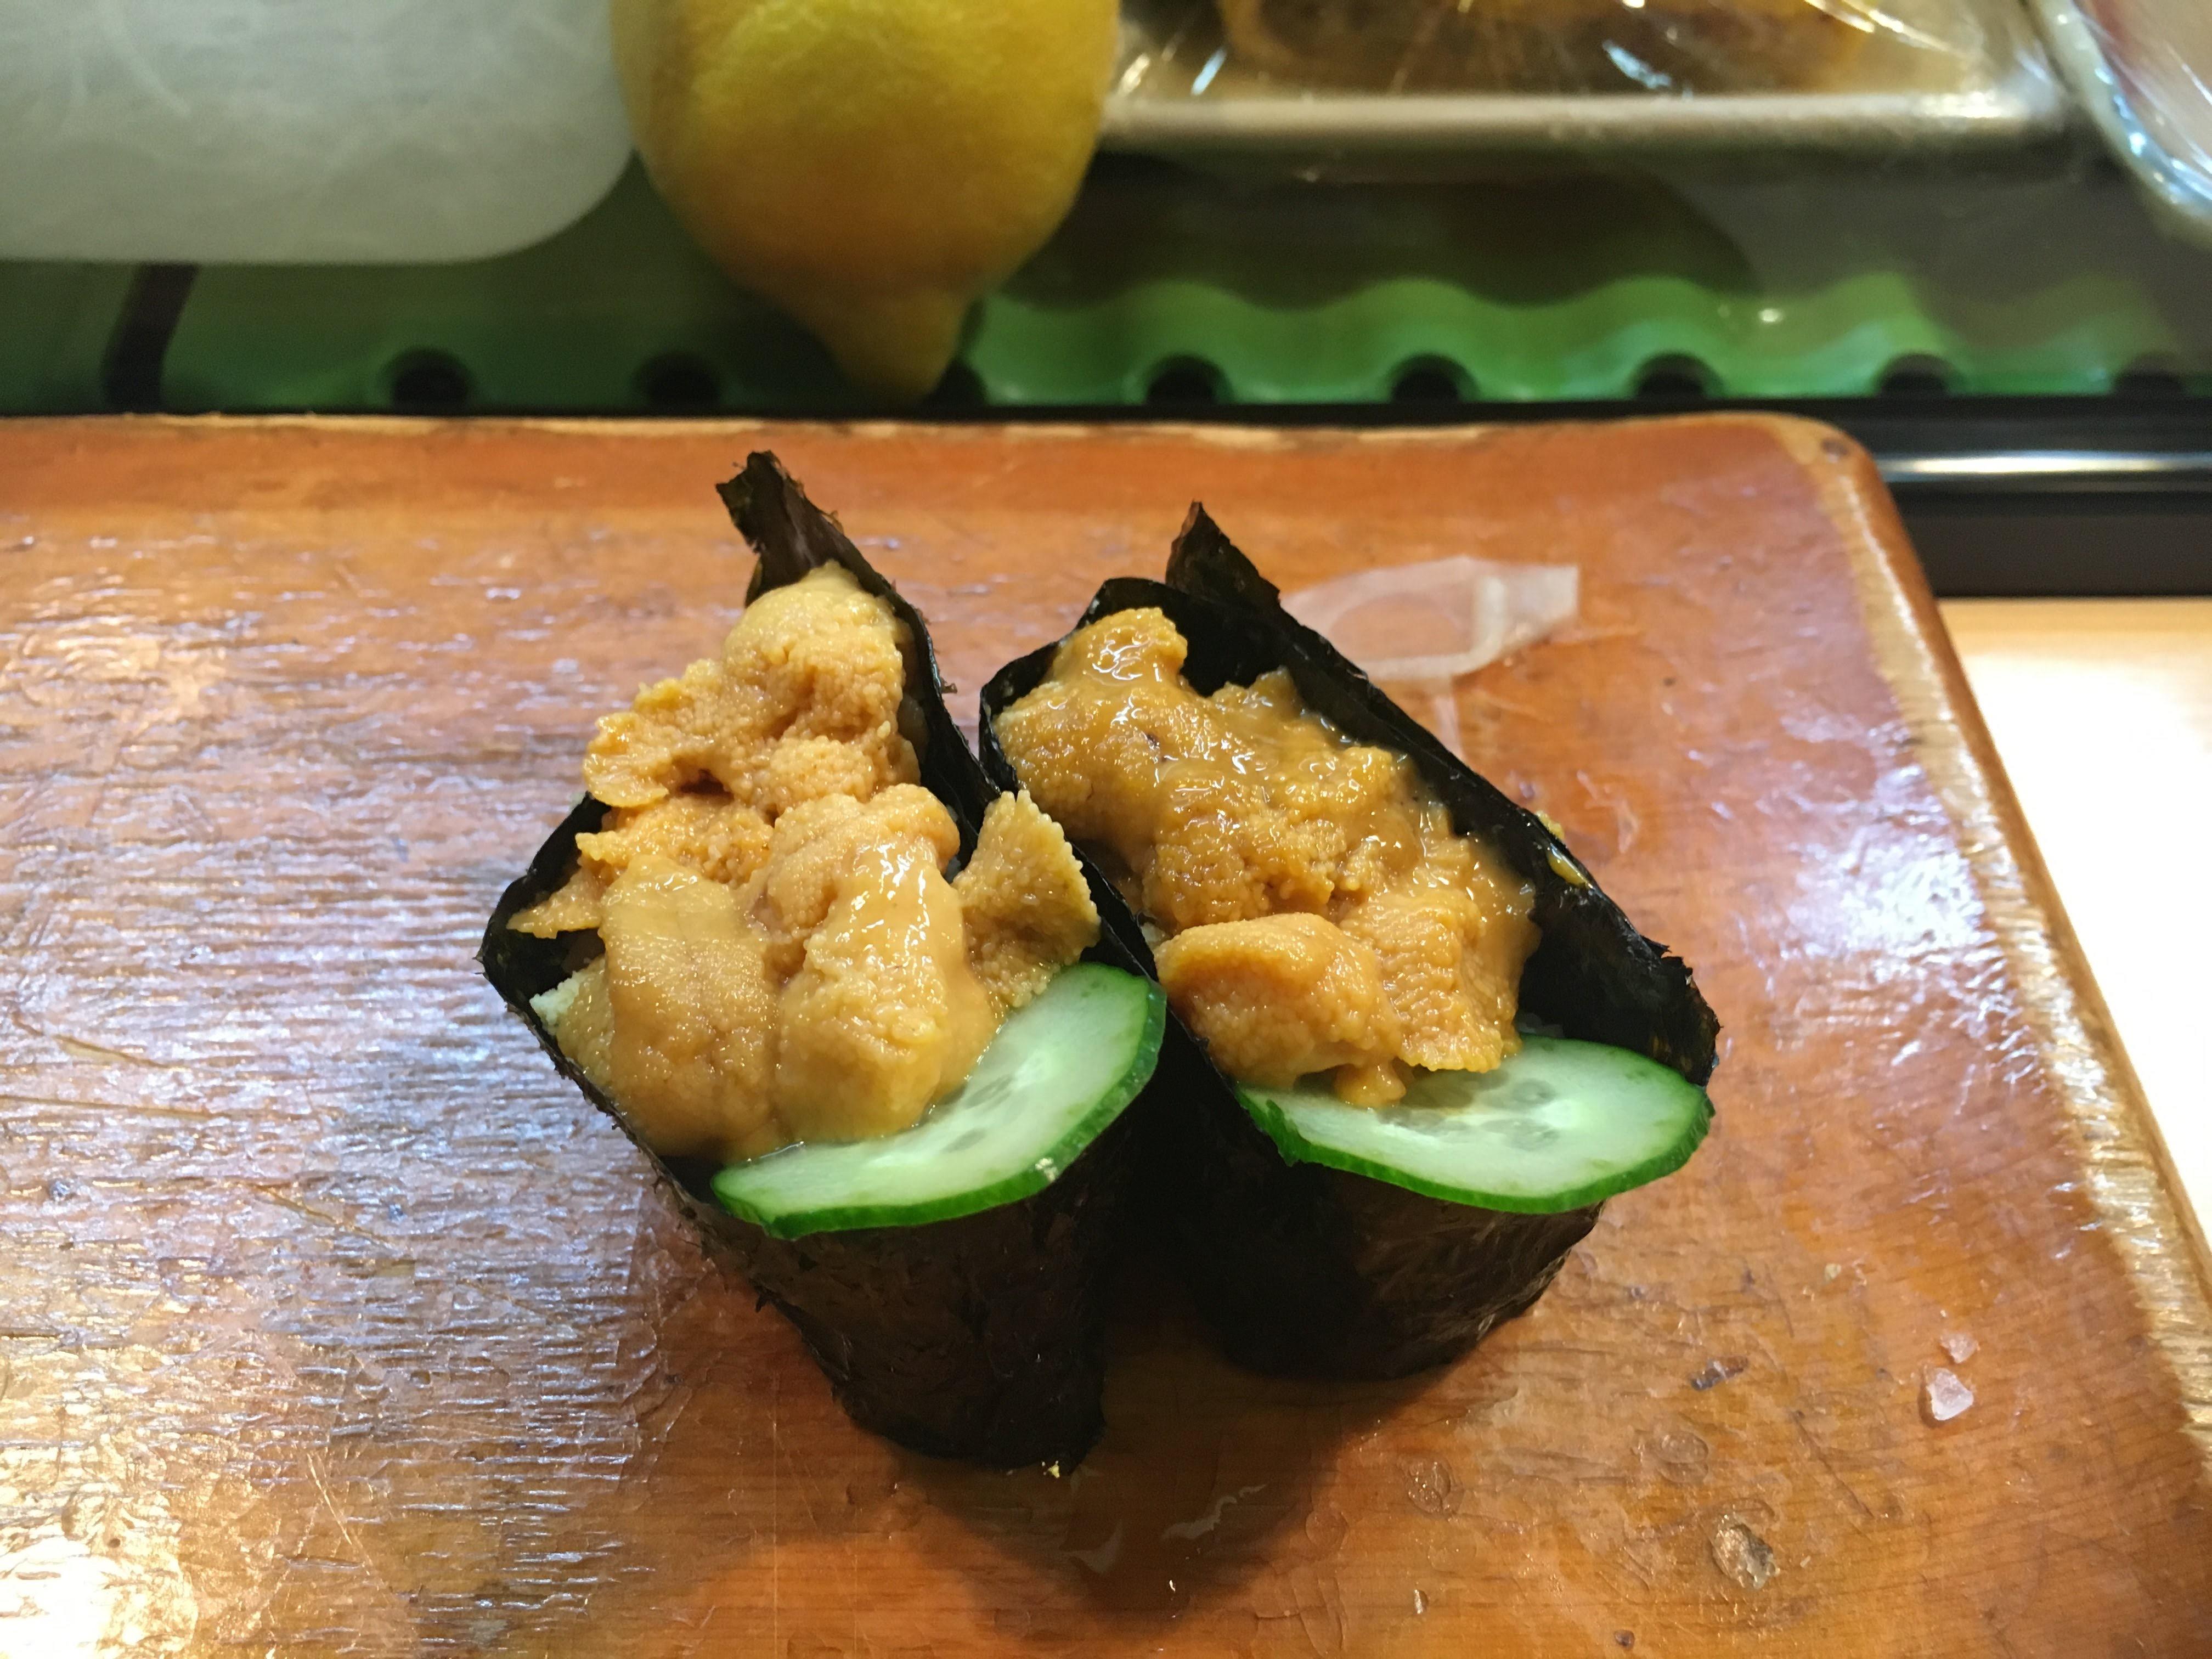 【相撲寿司天神部屋】安政町で新鮮なお寿司が食べられるアットホームな寿司屋